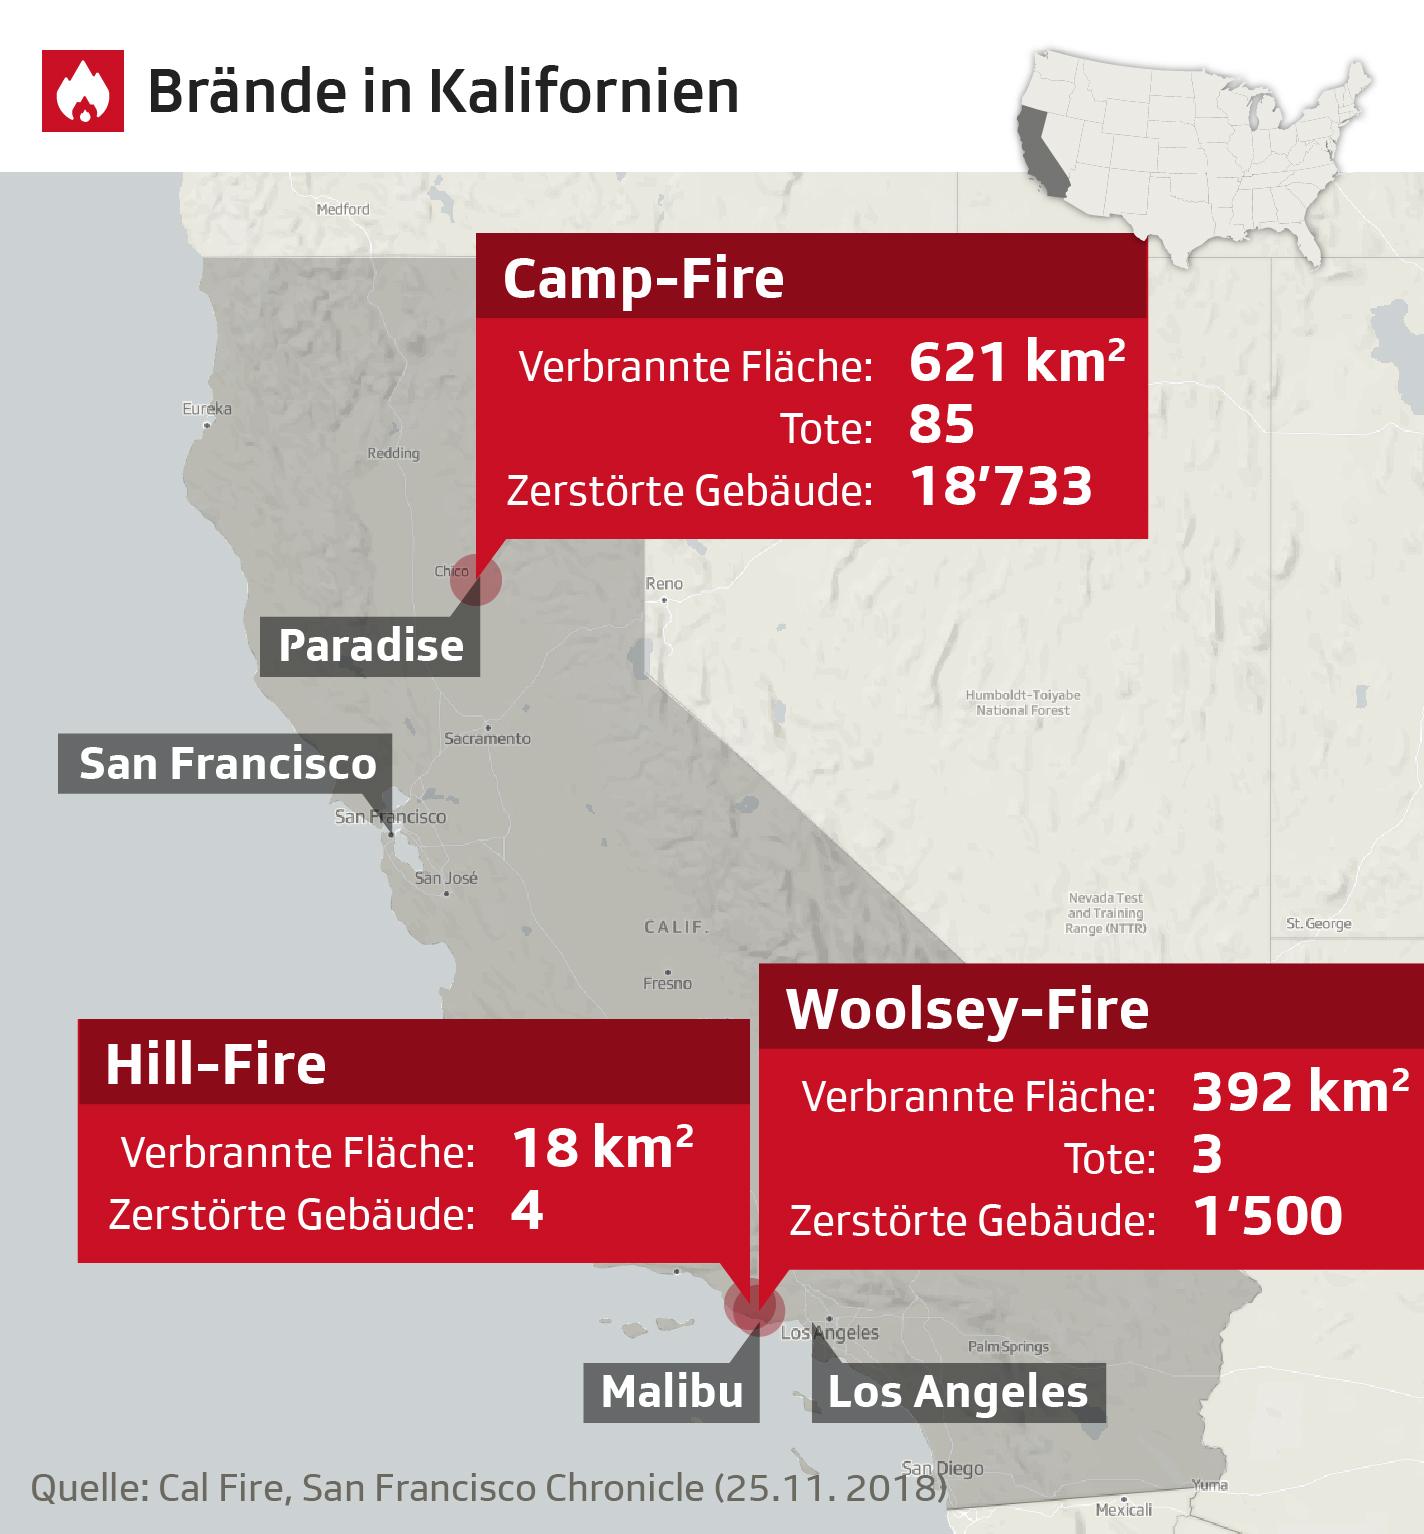 waldbrände kalifornien 2020 karte Waldbrände in Kalifornien   «Naiv zu sagen, der Klimawandel habe